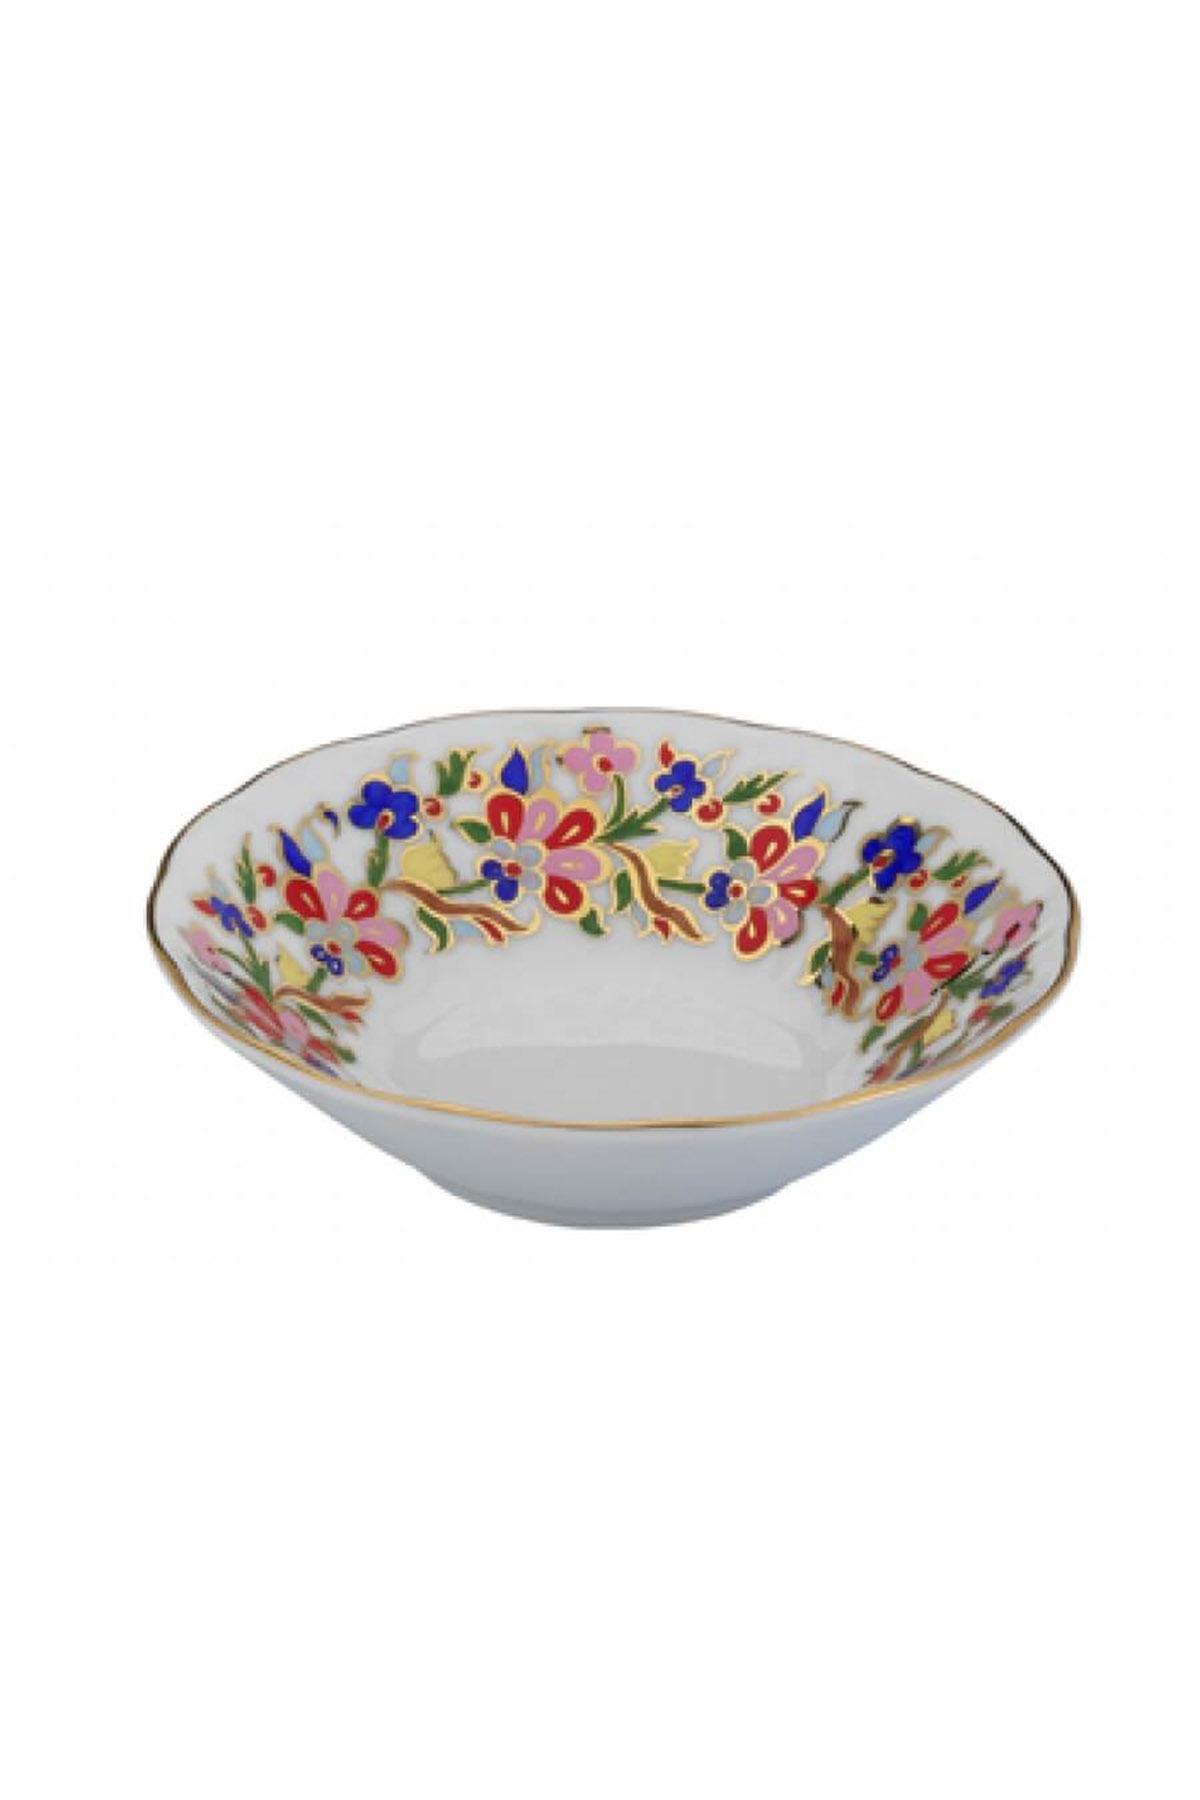 KÜTAHYA PORSELEN - Kütahya Porselen Acem El Yapımı Çay Tabağı 456 Desen